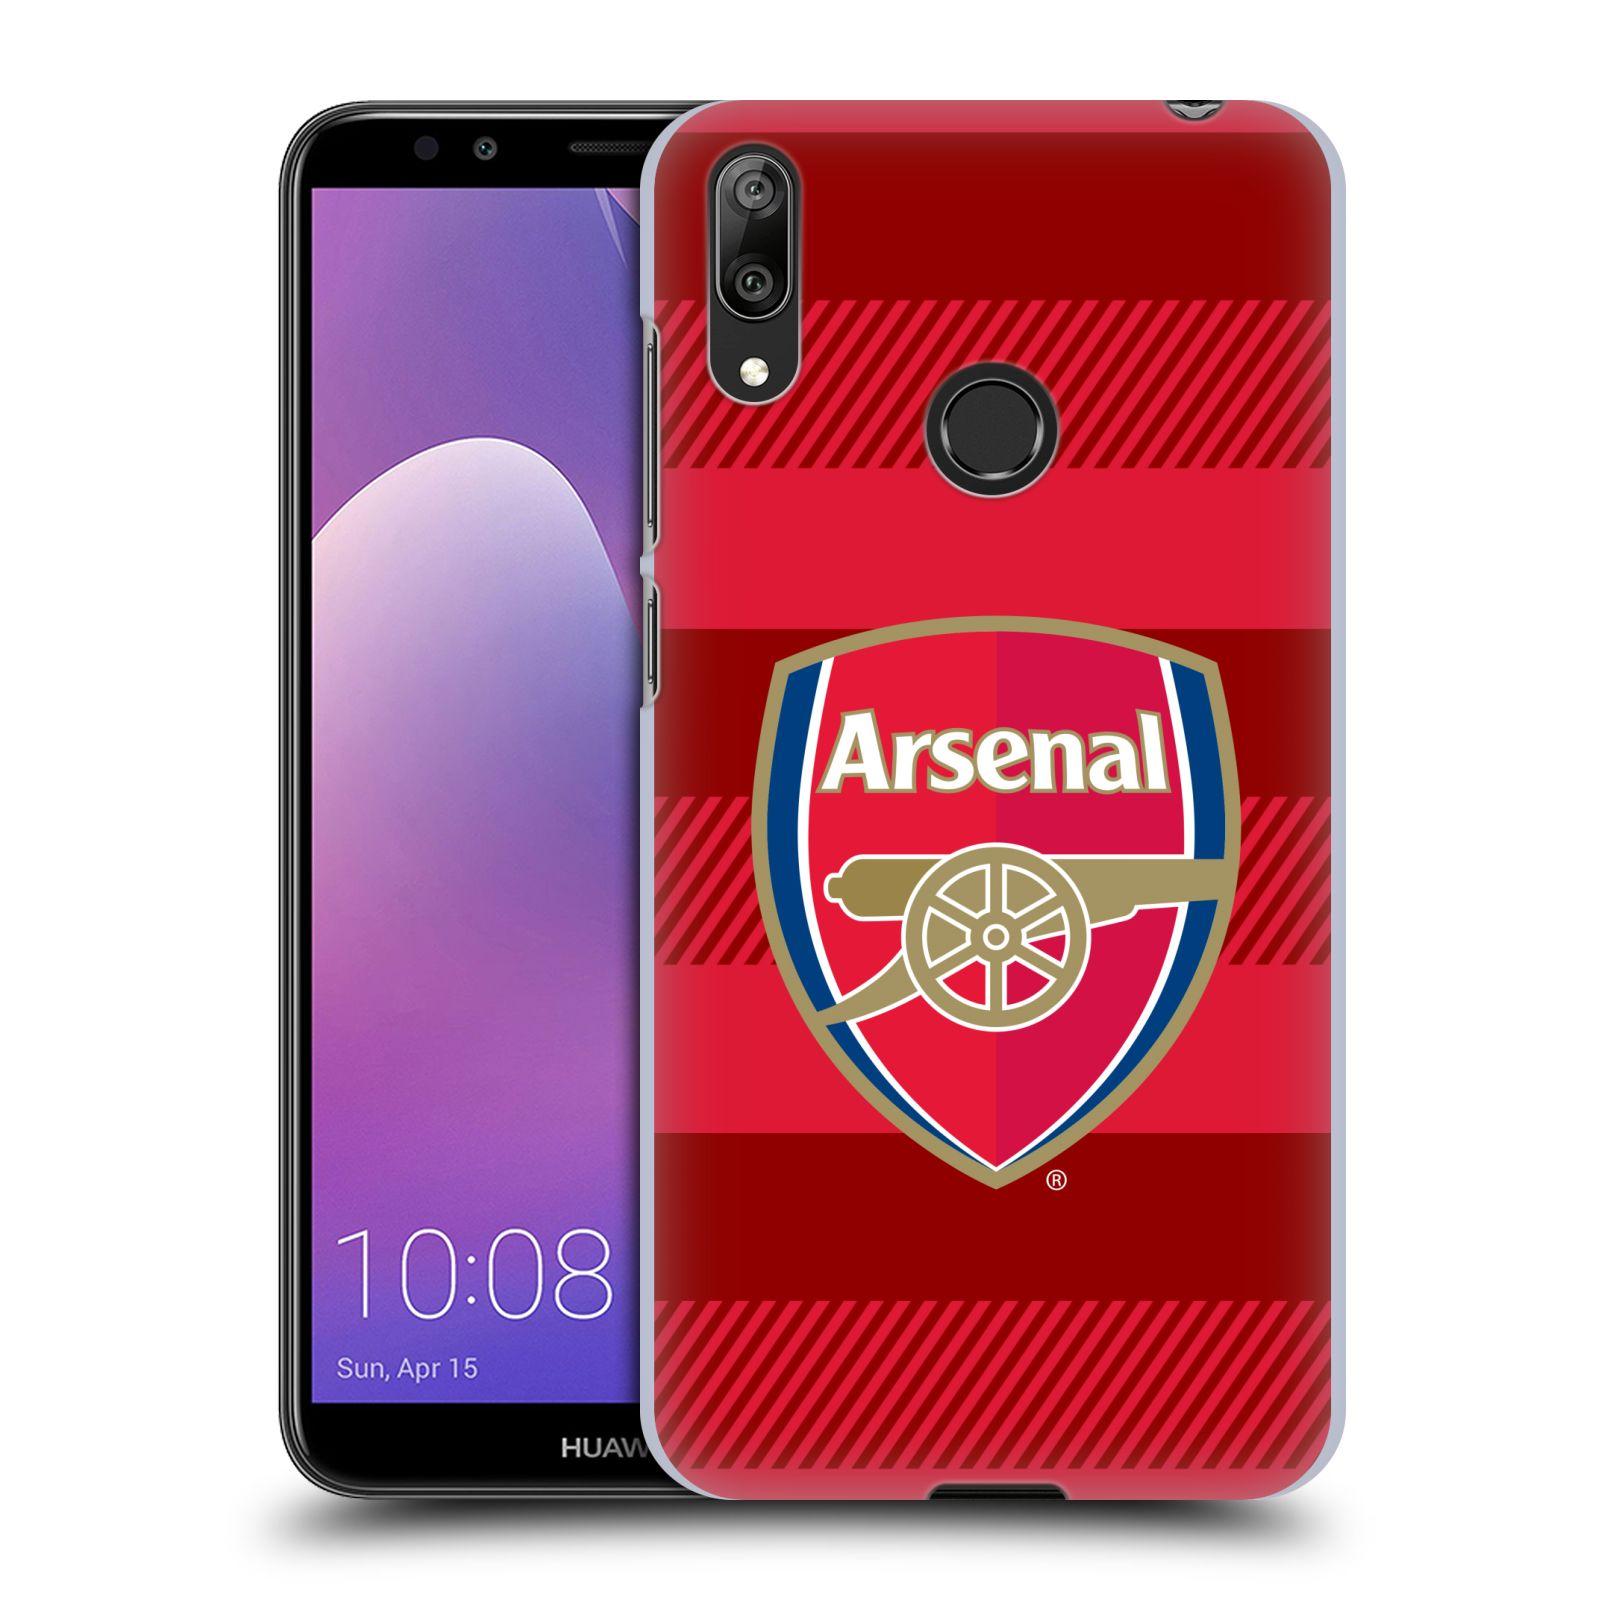 Plastové pouzdro na mobil Huawei Y7 (2019) - Head Case - Arsenal FC - Logo s pruhy